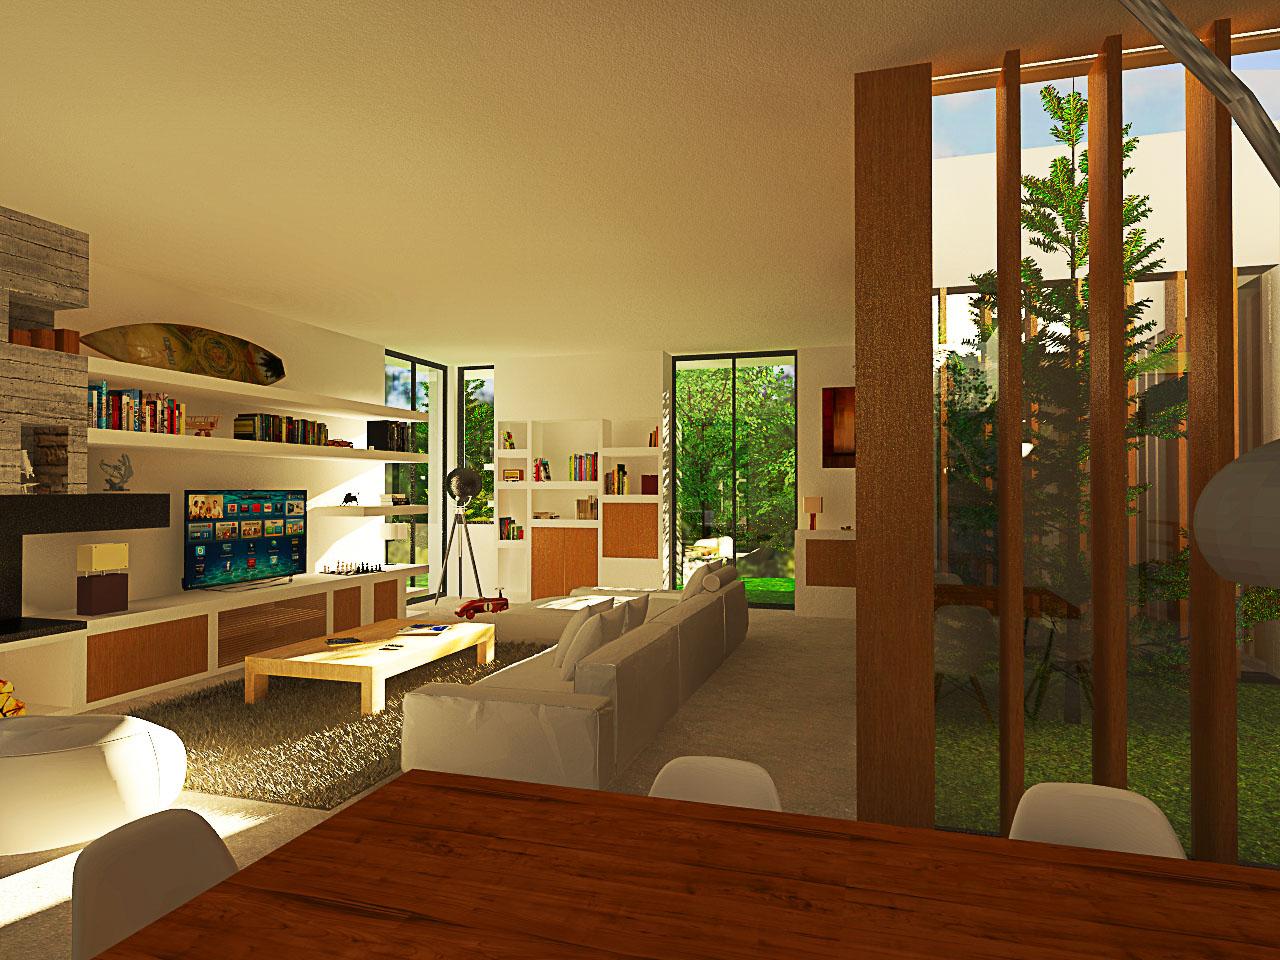 maison_projet_architecture_limonest-5